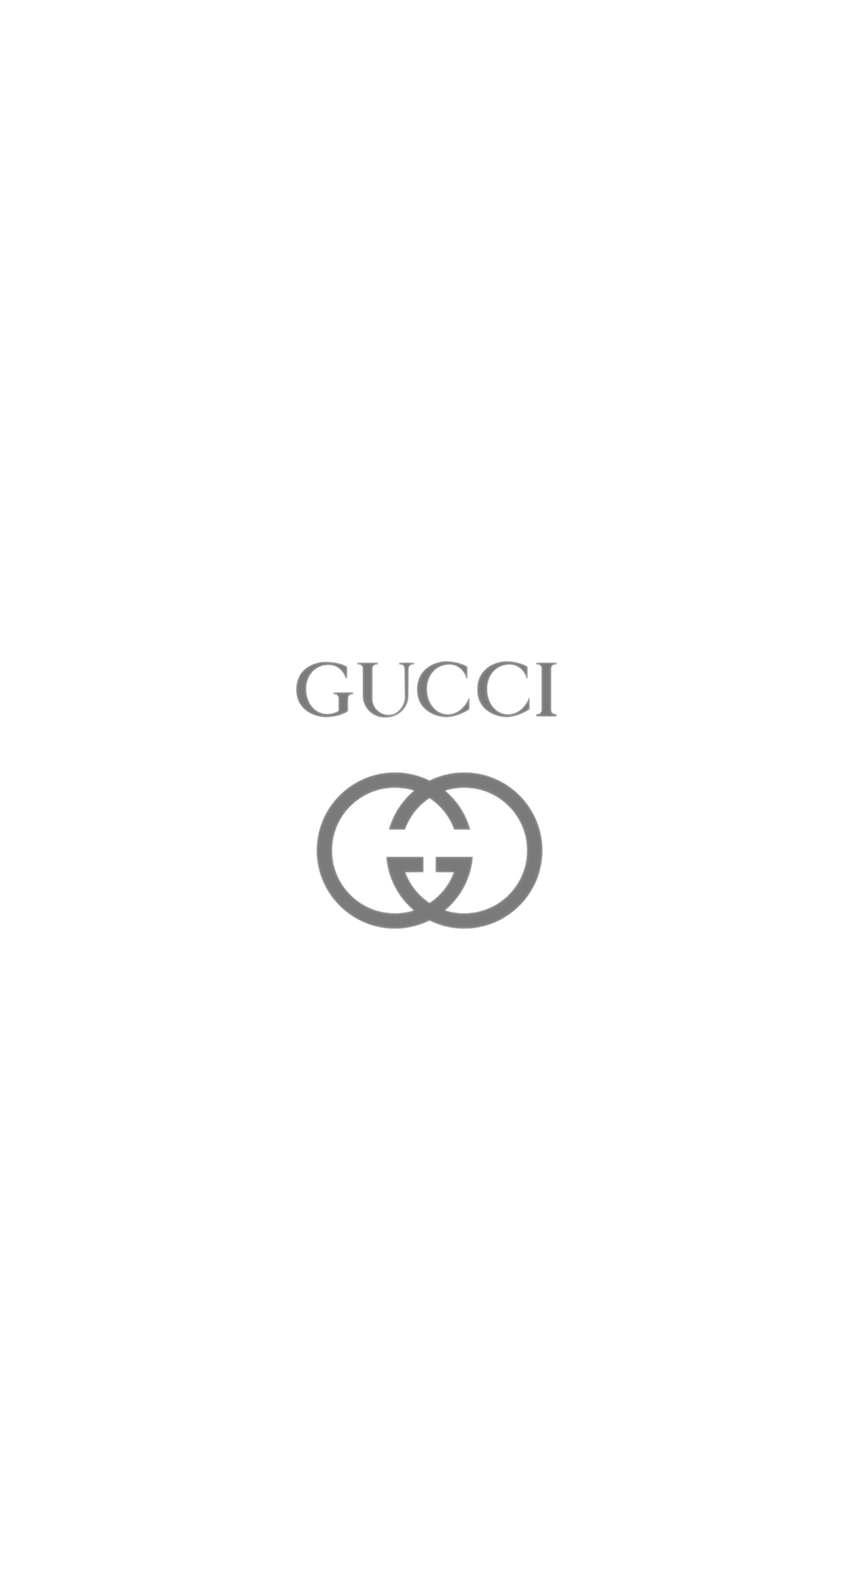 グッチ/シンプルロゴ